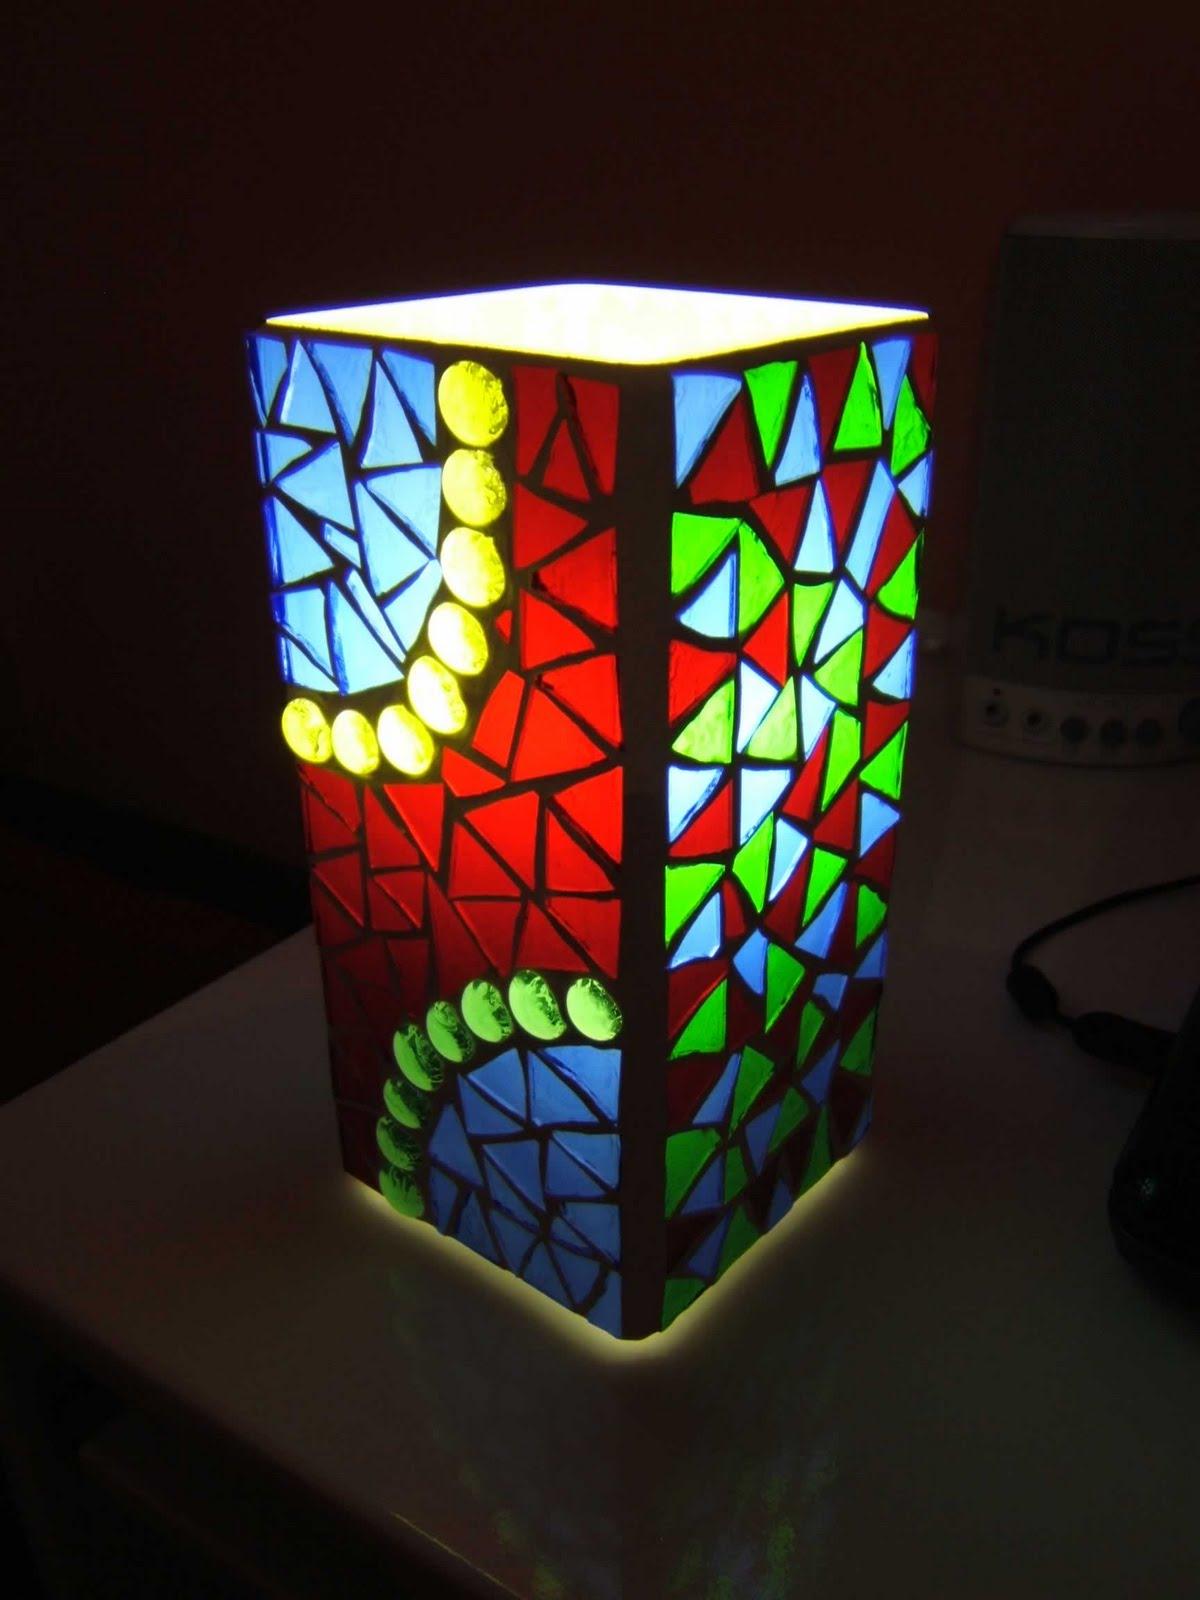 A Grono mosaic lamp